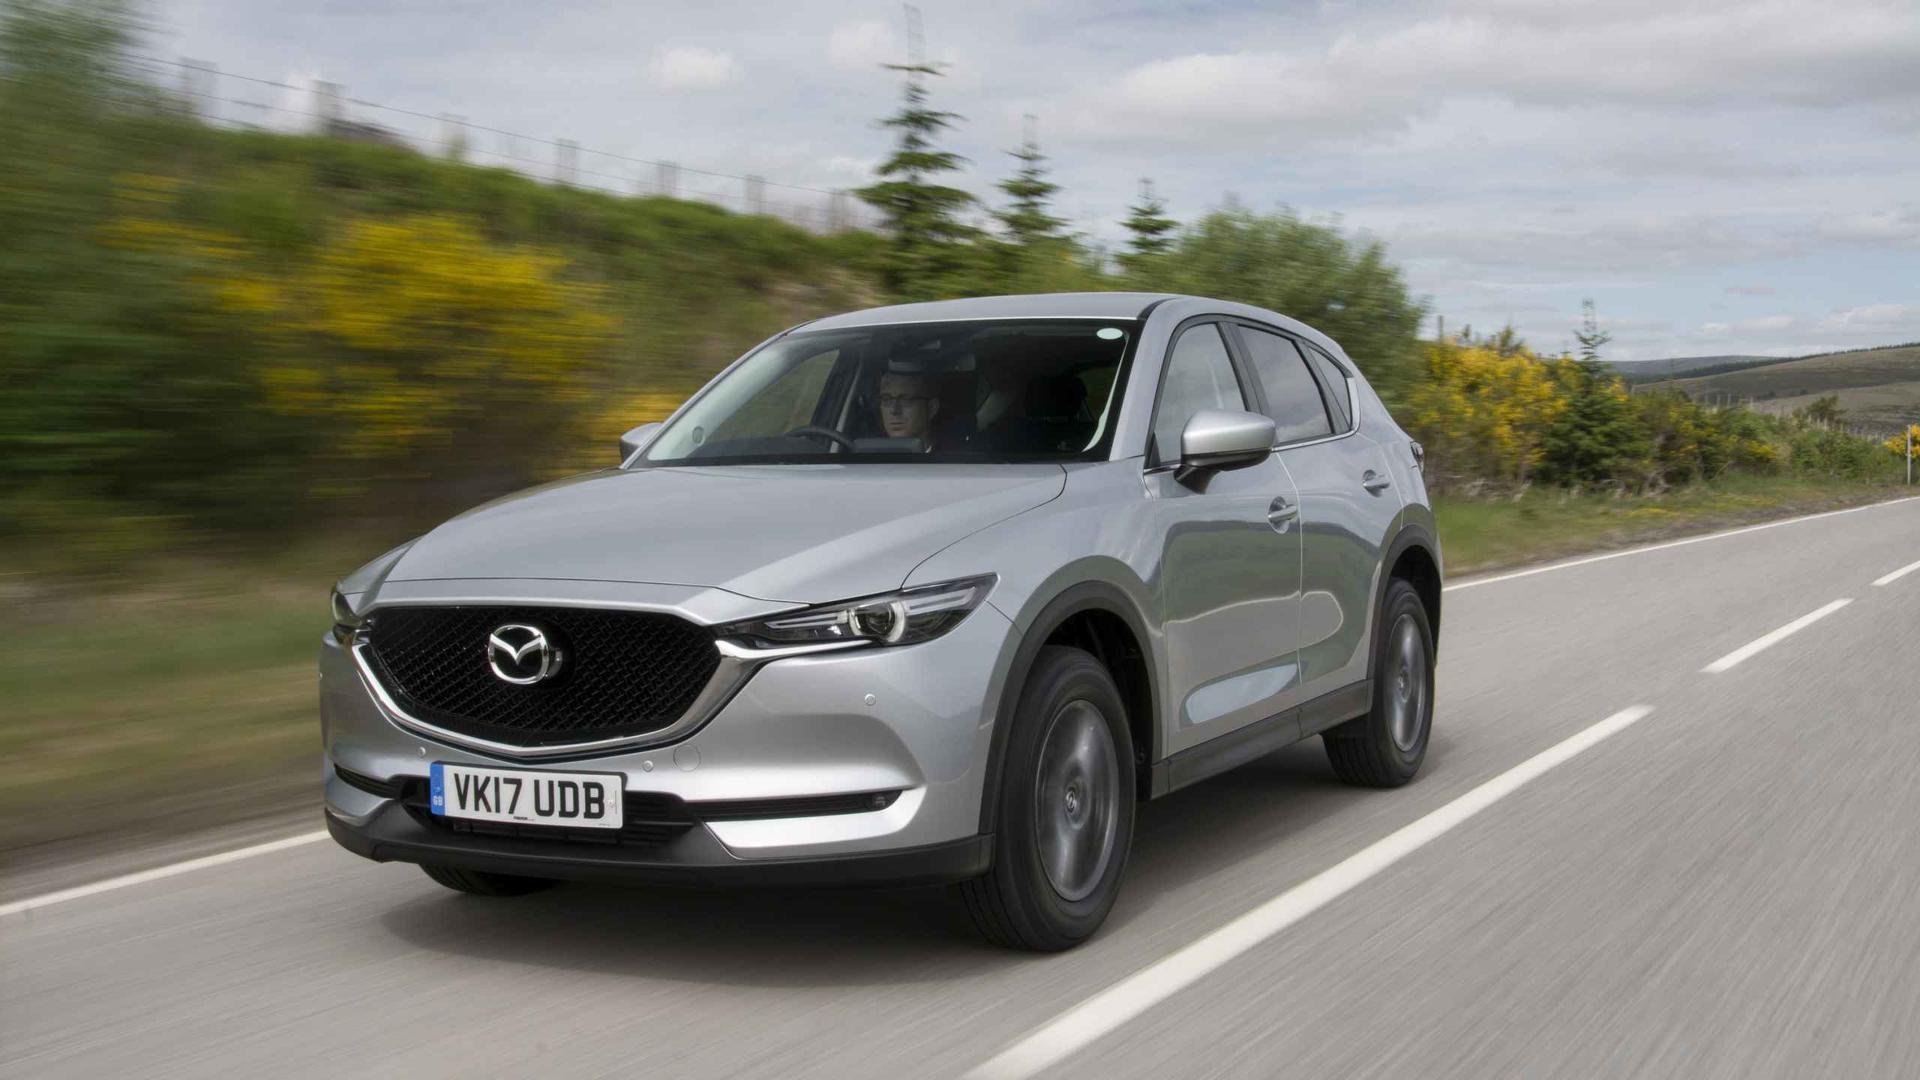 2017 Mazda Cx 5 : 2017 mazda cx 5 review ~ Aude.kayakingforconservation.com Haus und Dekorationen